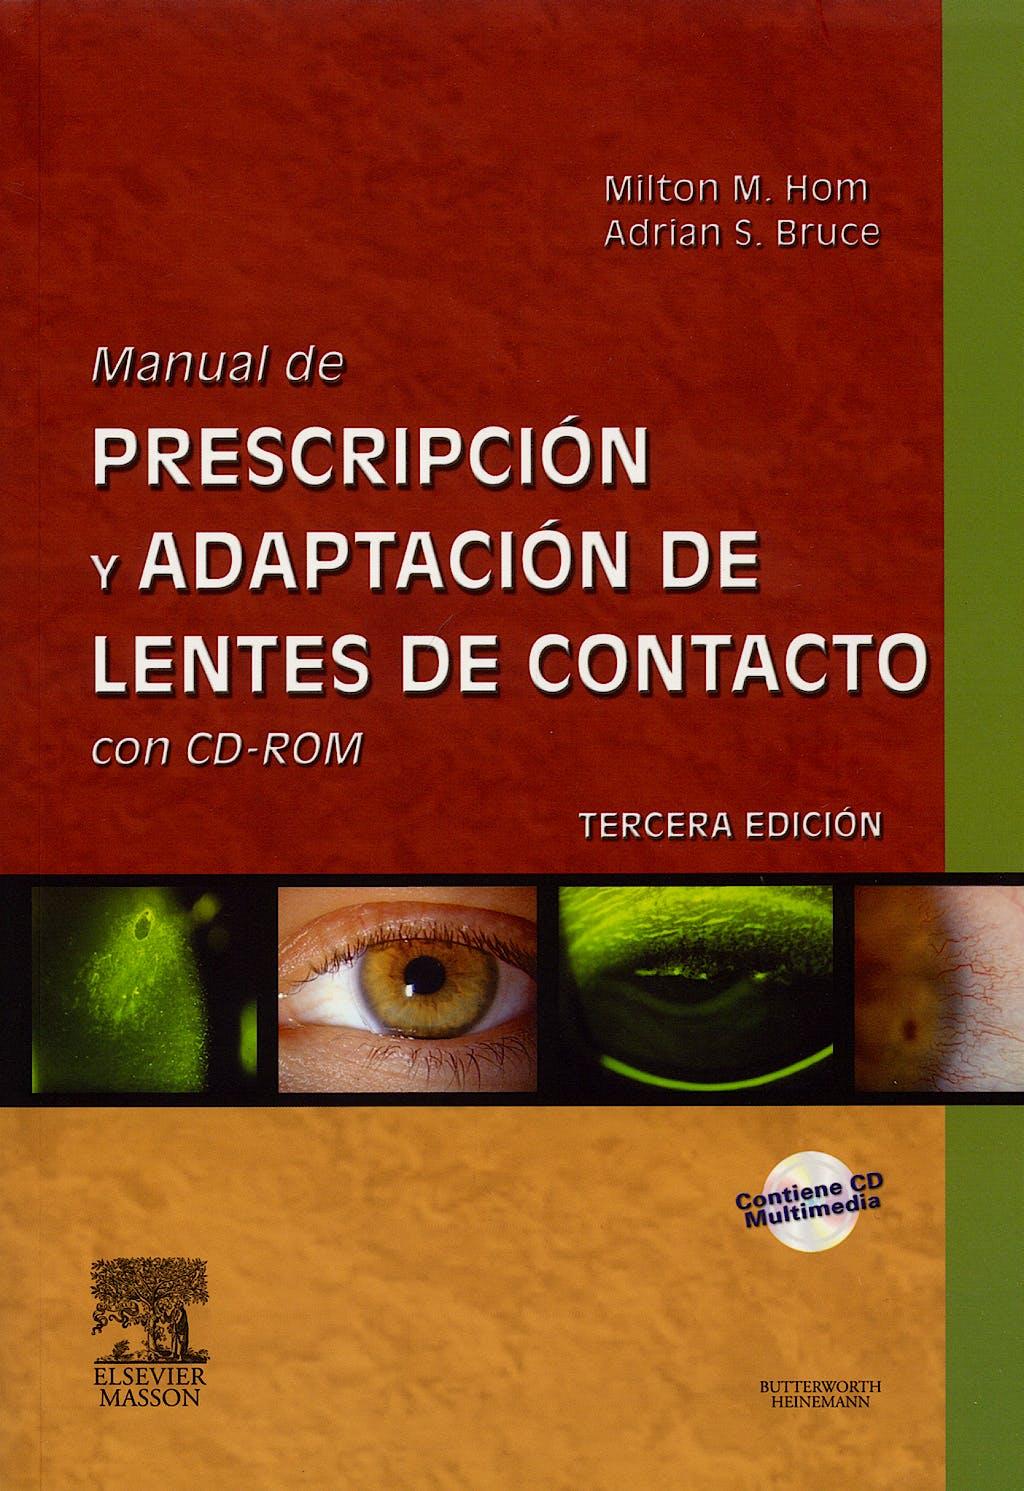 Producto: Manual de Prescripcion y Adaptacion de Lentes de Contacto ...